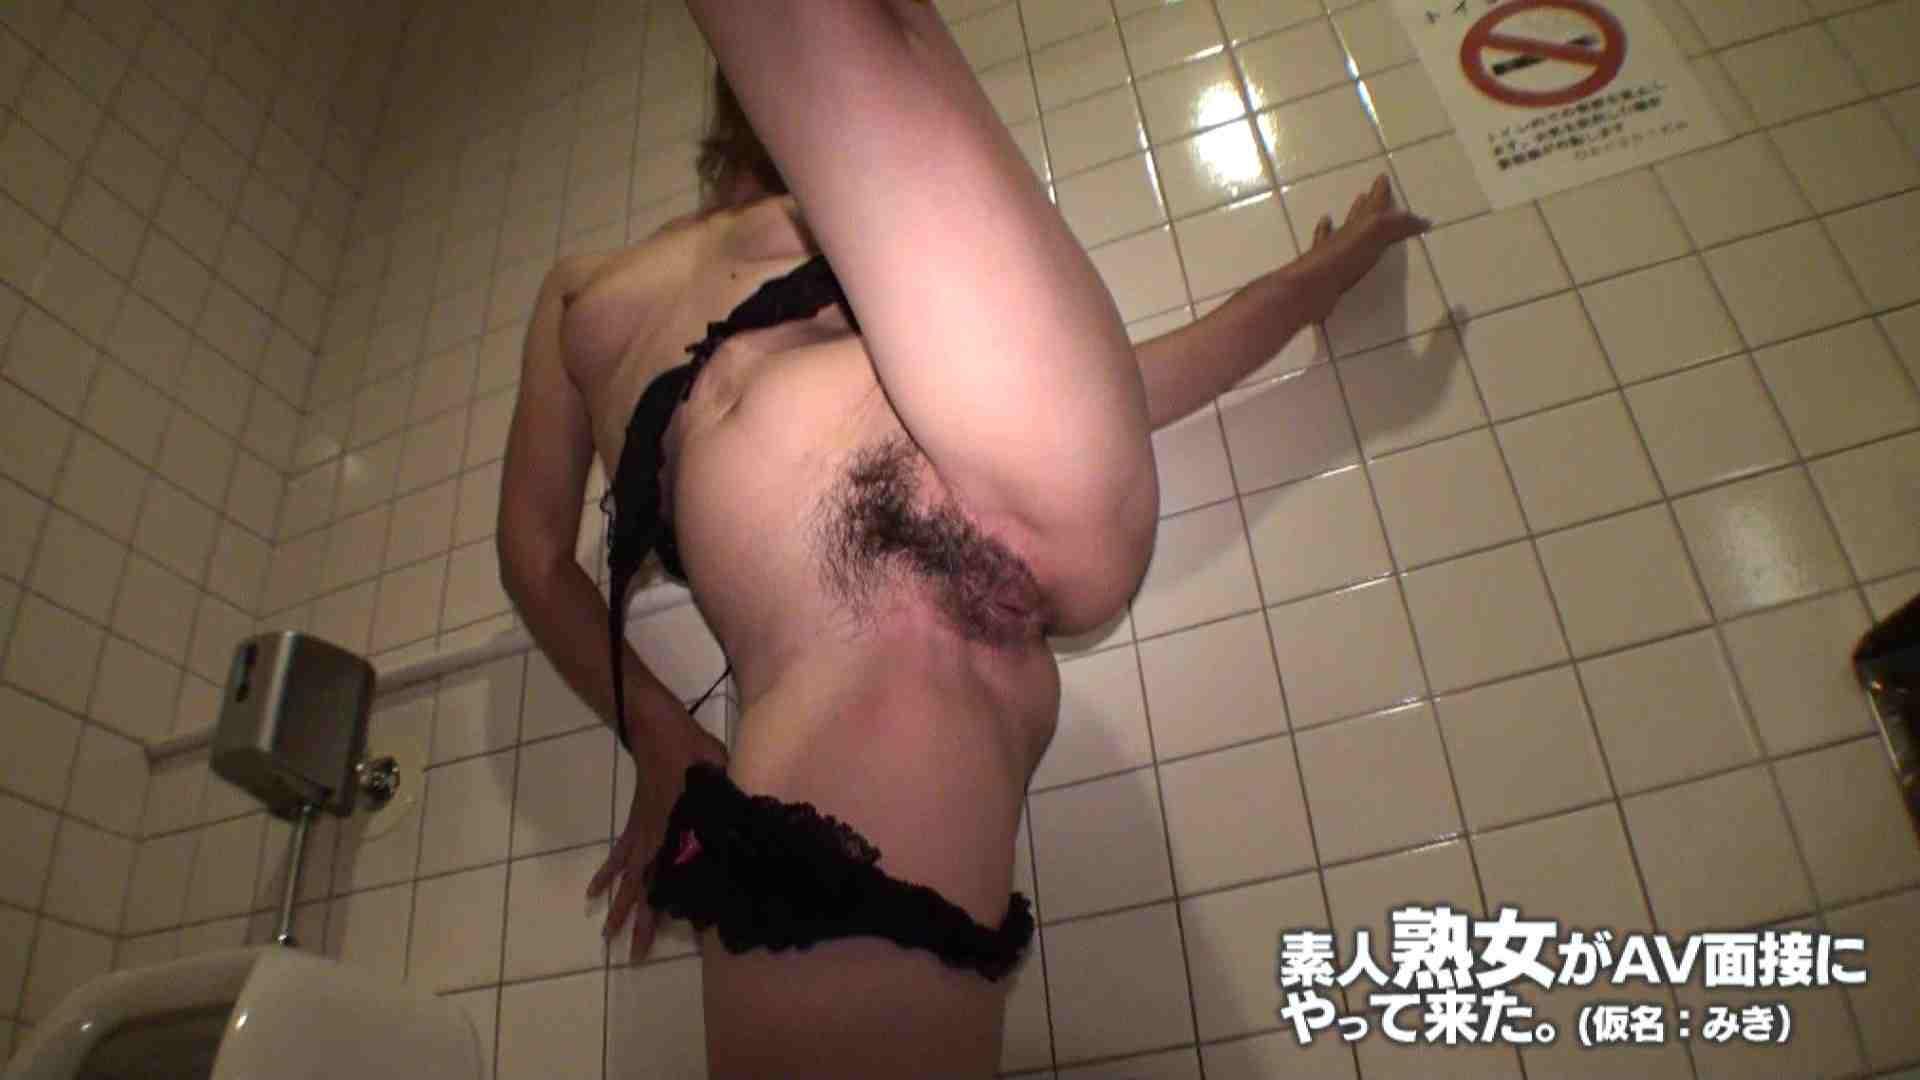 素人熟女がAV面接にやってきた (熟女)みきさんVOL.03 洗面所 のぞき動画キャプチャ 105pic 89